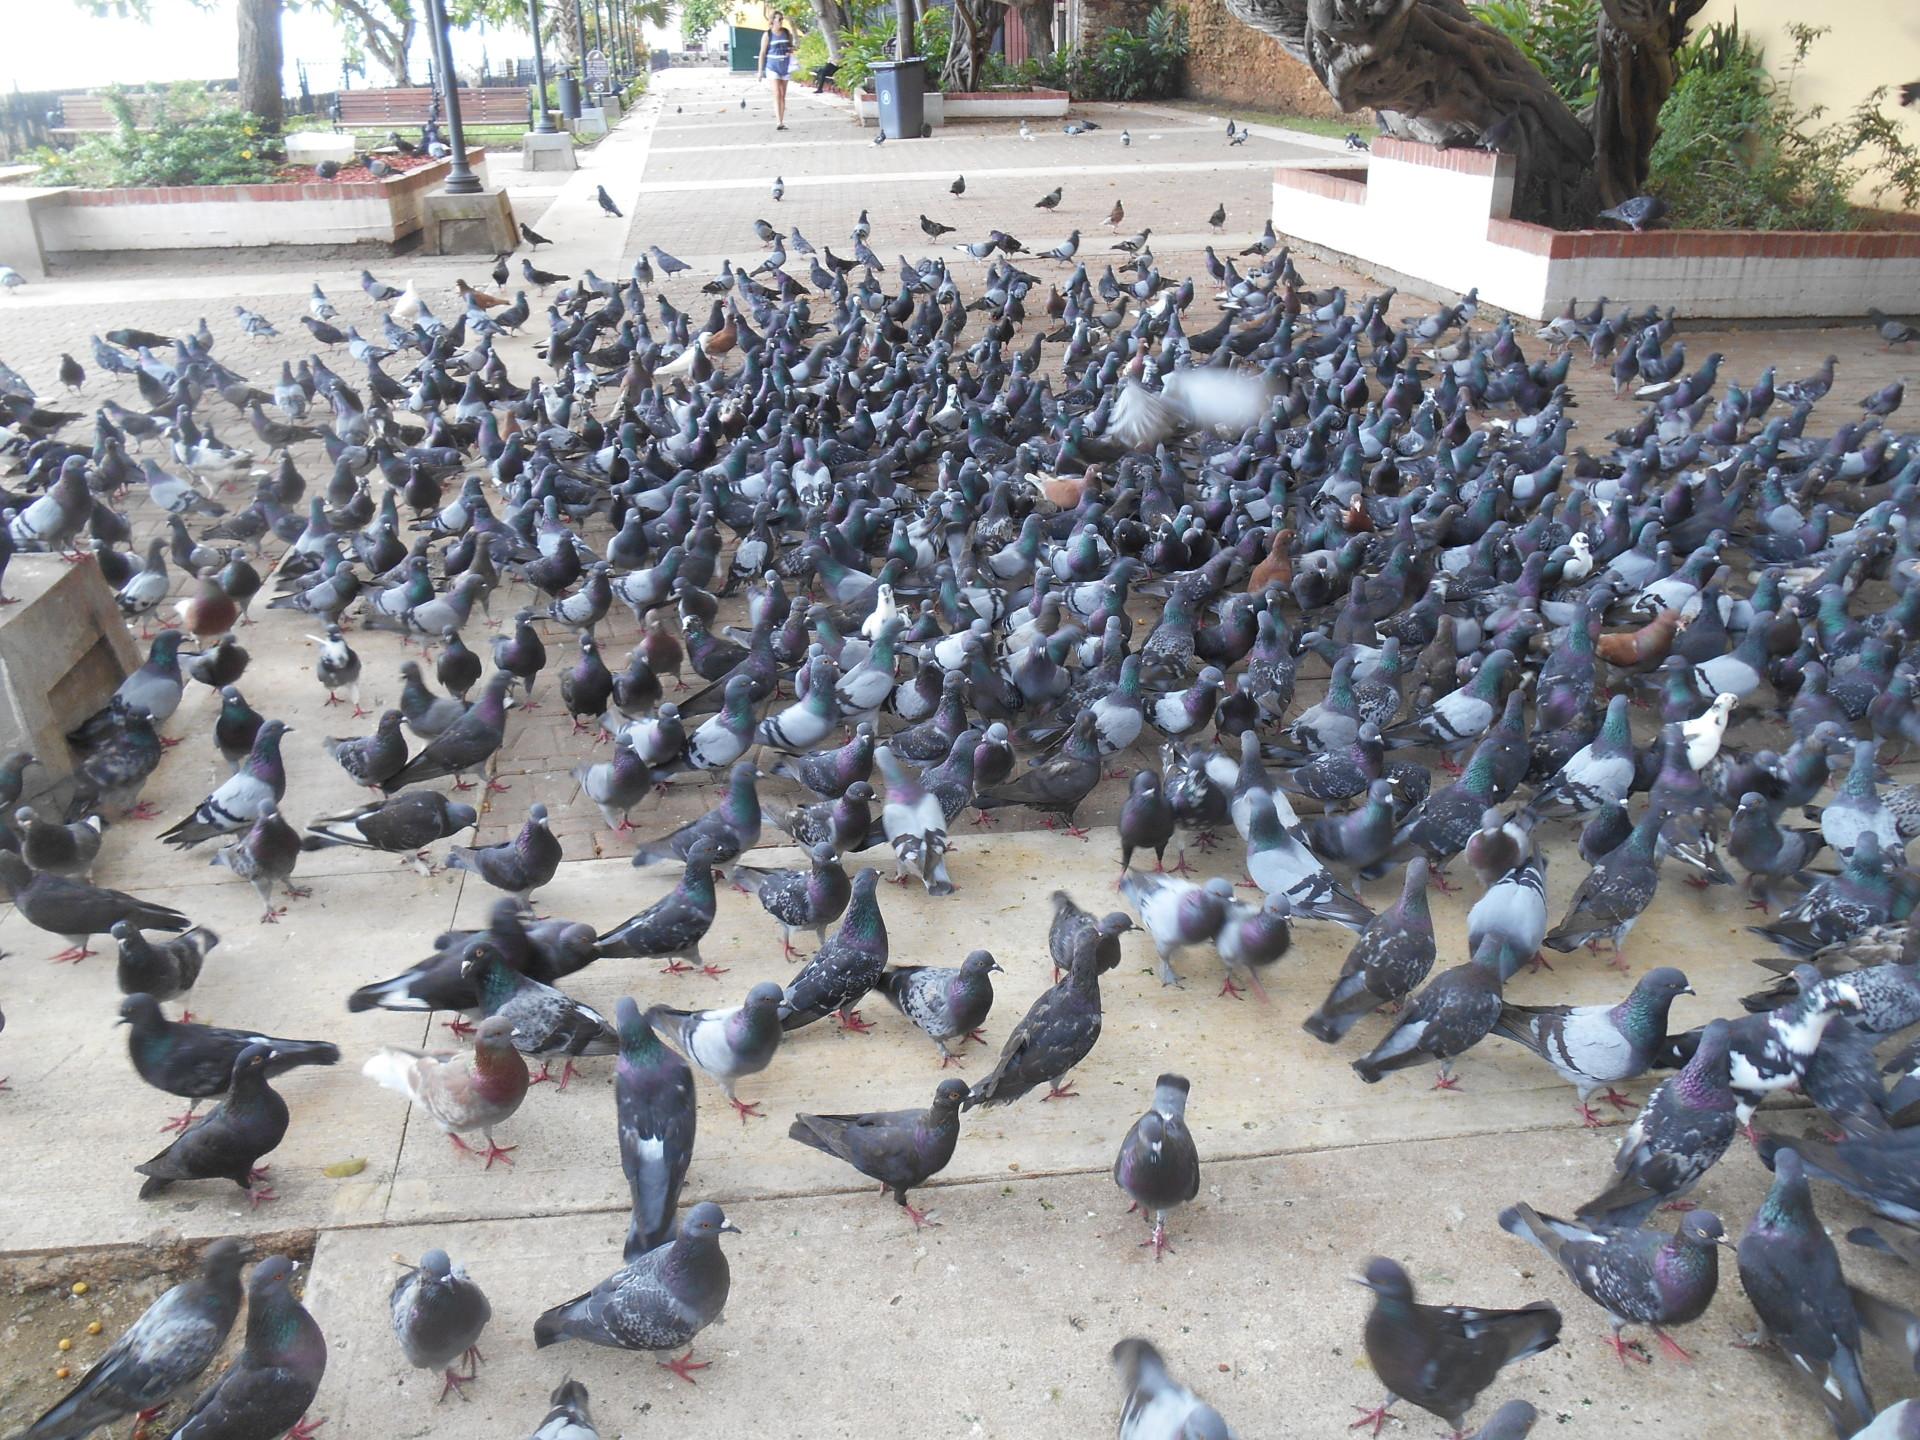 pigeon park san juan